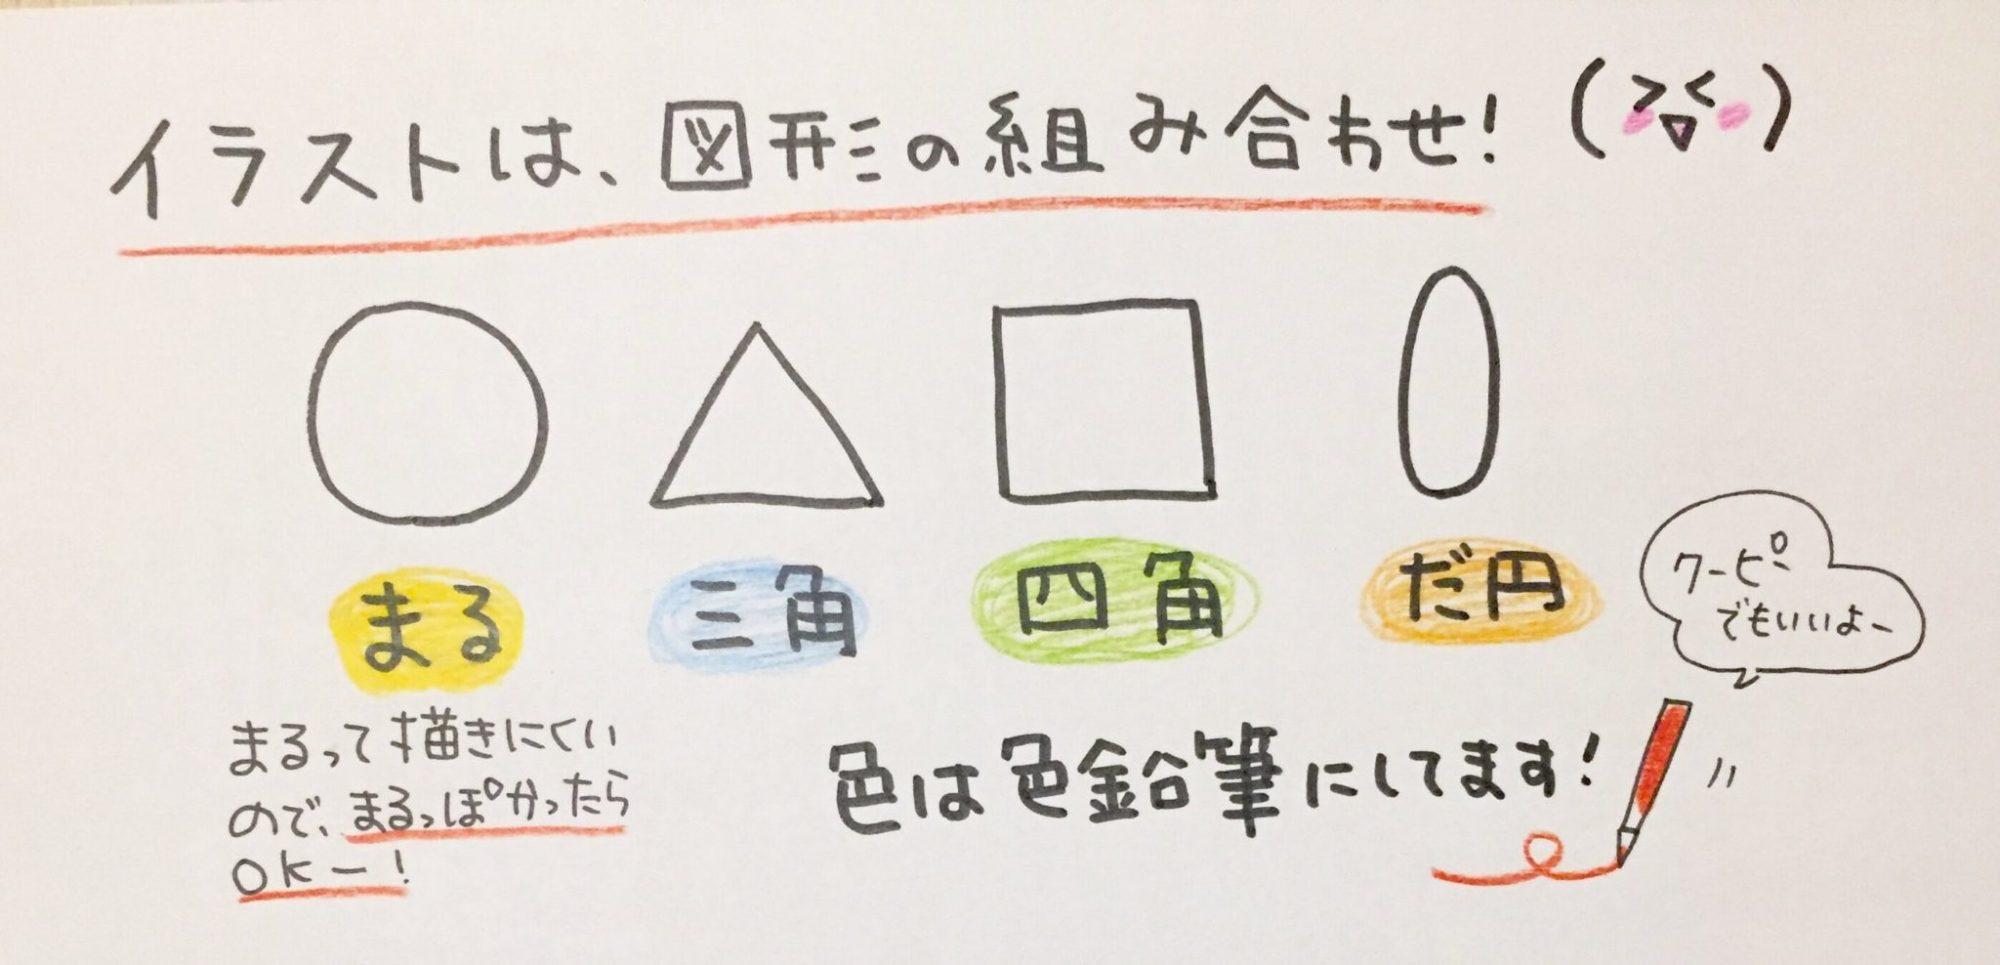 即まね 秋っぽいpopの作り方編 秋のイラストの簡単な描き方 コトpopで売上げアップ ポップデザイン 書き方を学ぶpopの学校